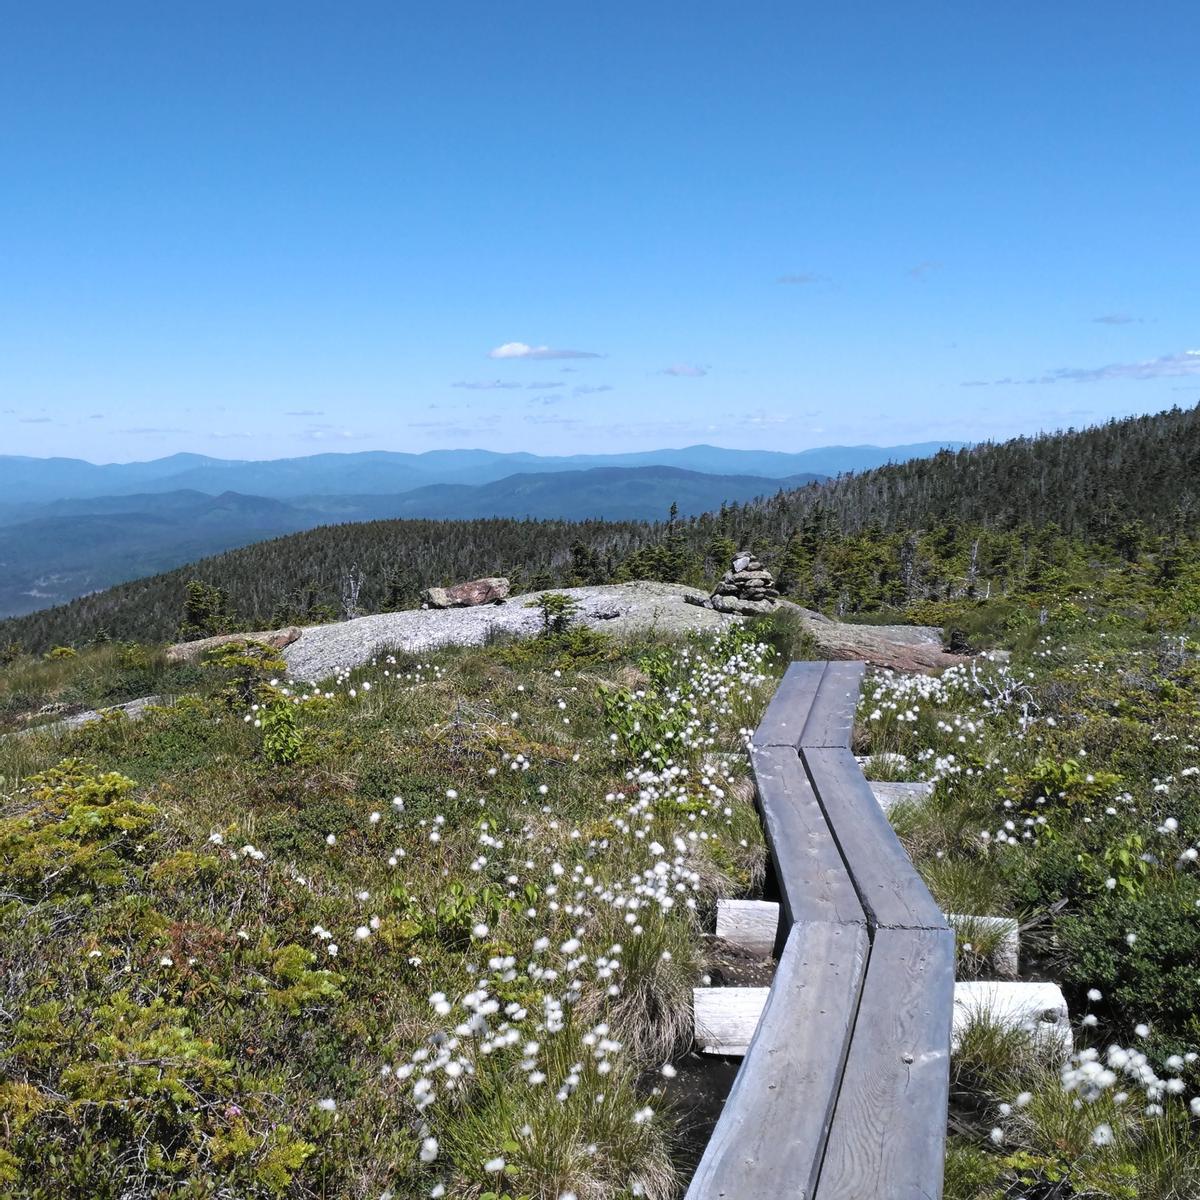 A bog bridge two boards wide goes across an alpine bog